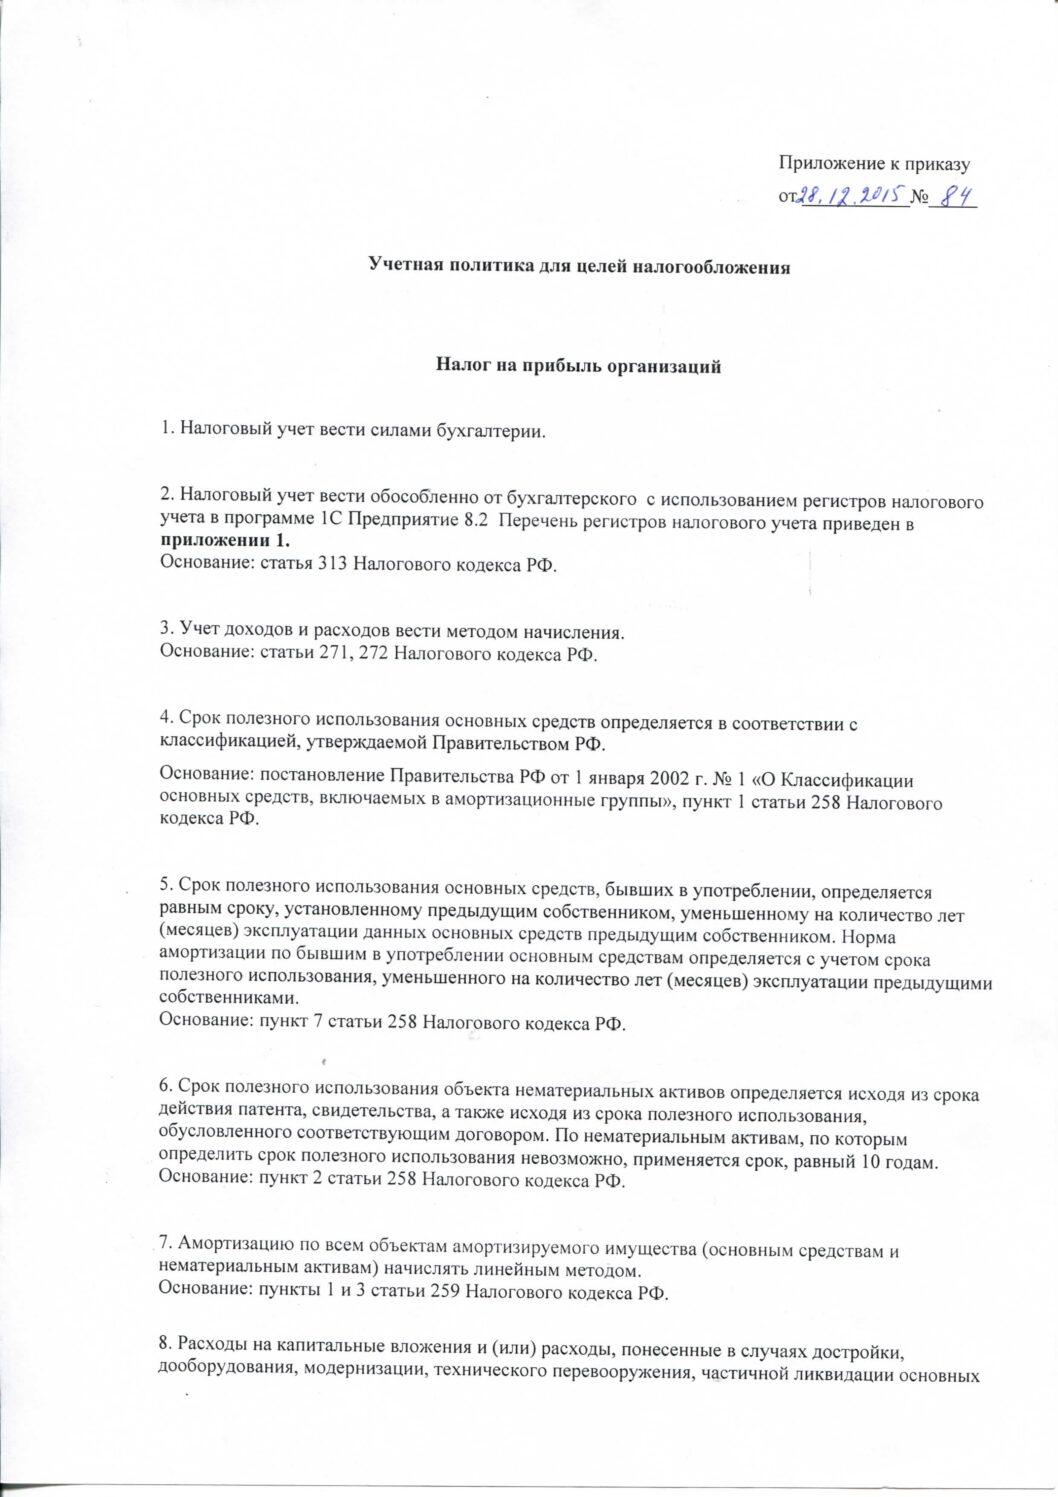 Учетная политика для целей налогообложения. Приложение к приказу 84 от 28.12.2015.